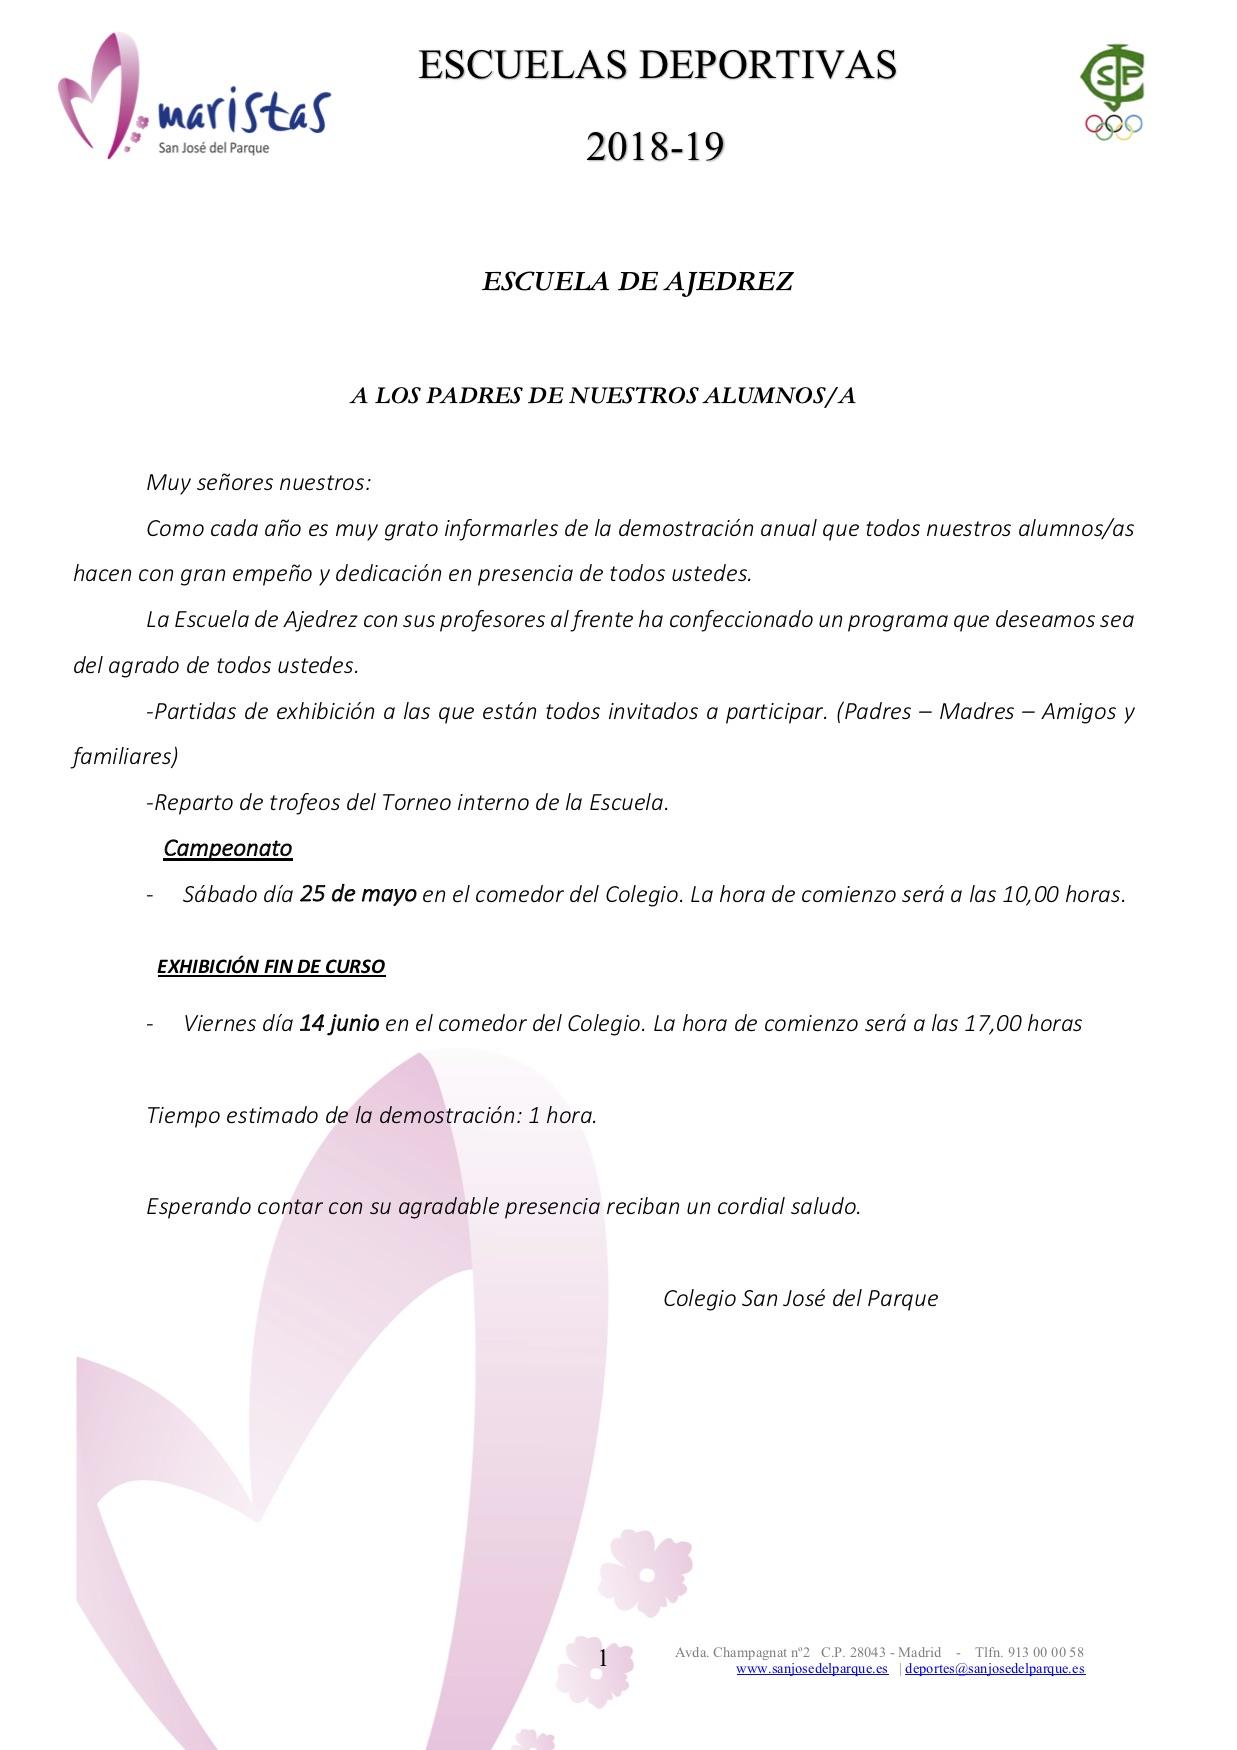 Campeonato  AJEDREZ @ Colegio Marista San José del Parque